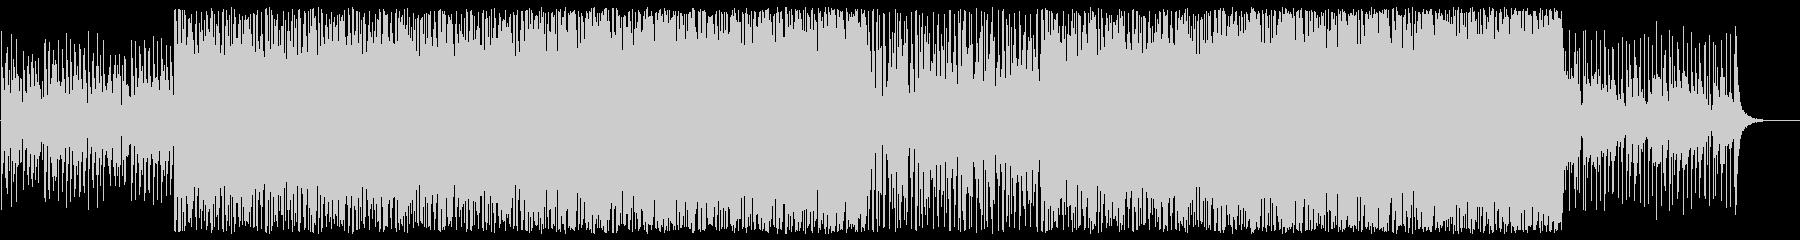 落ち着きのあるギターベースのボサノバの曲の未再生の波形